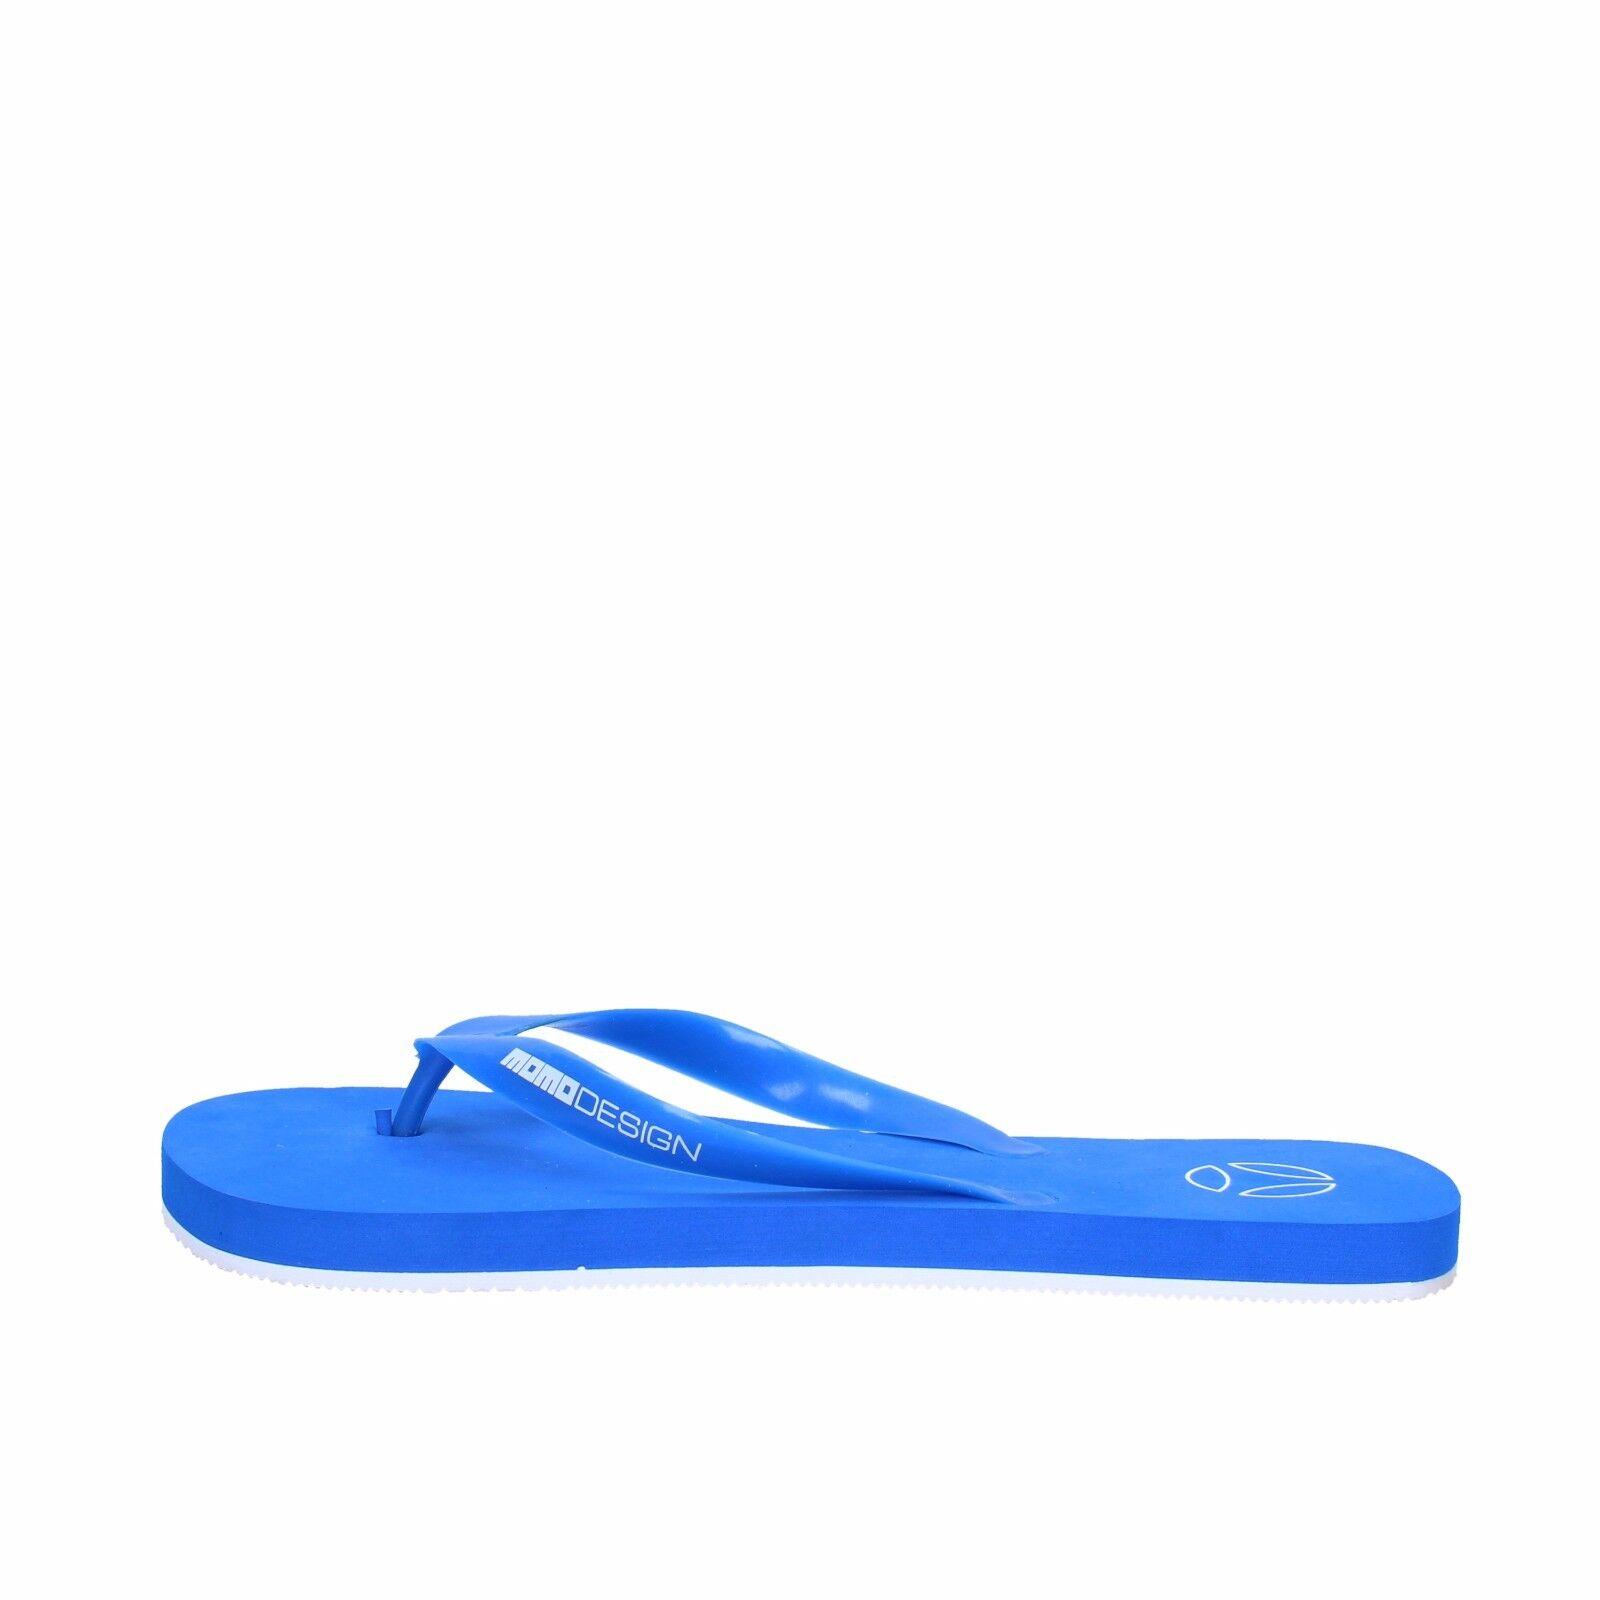 Scarpe uomo MOMO DESIGN 42 / 43 infradito sandali blu gomma AG29-C2